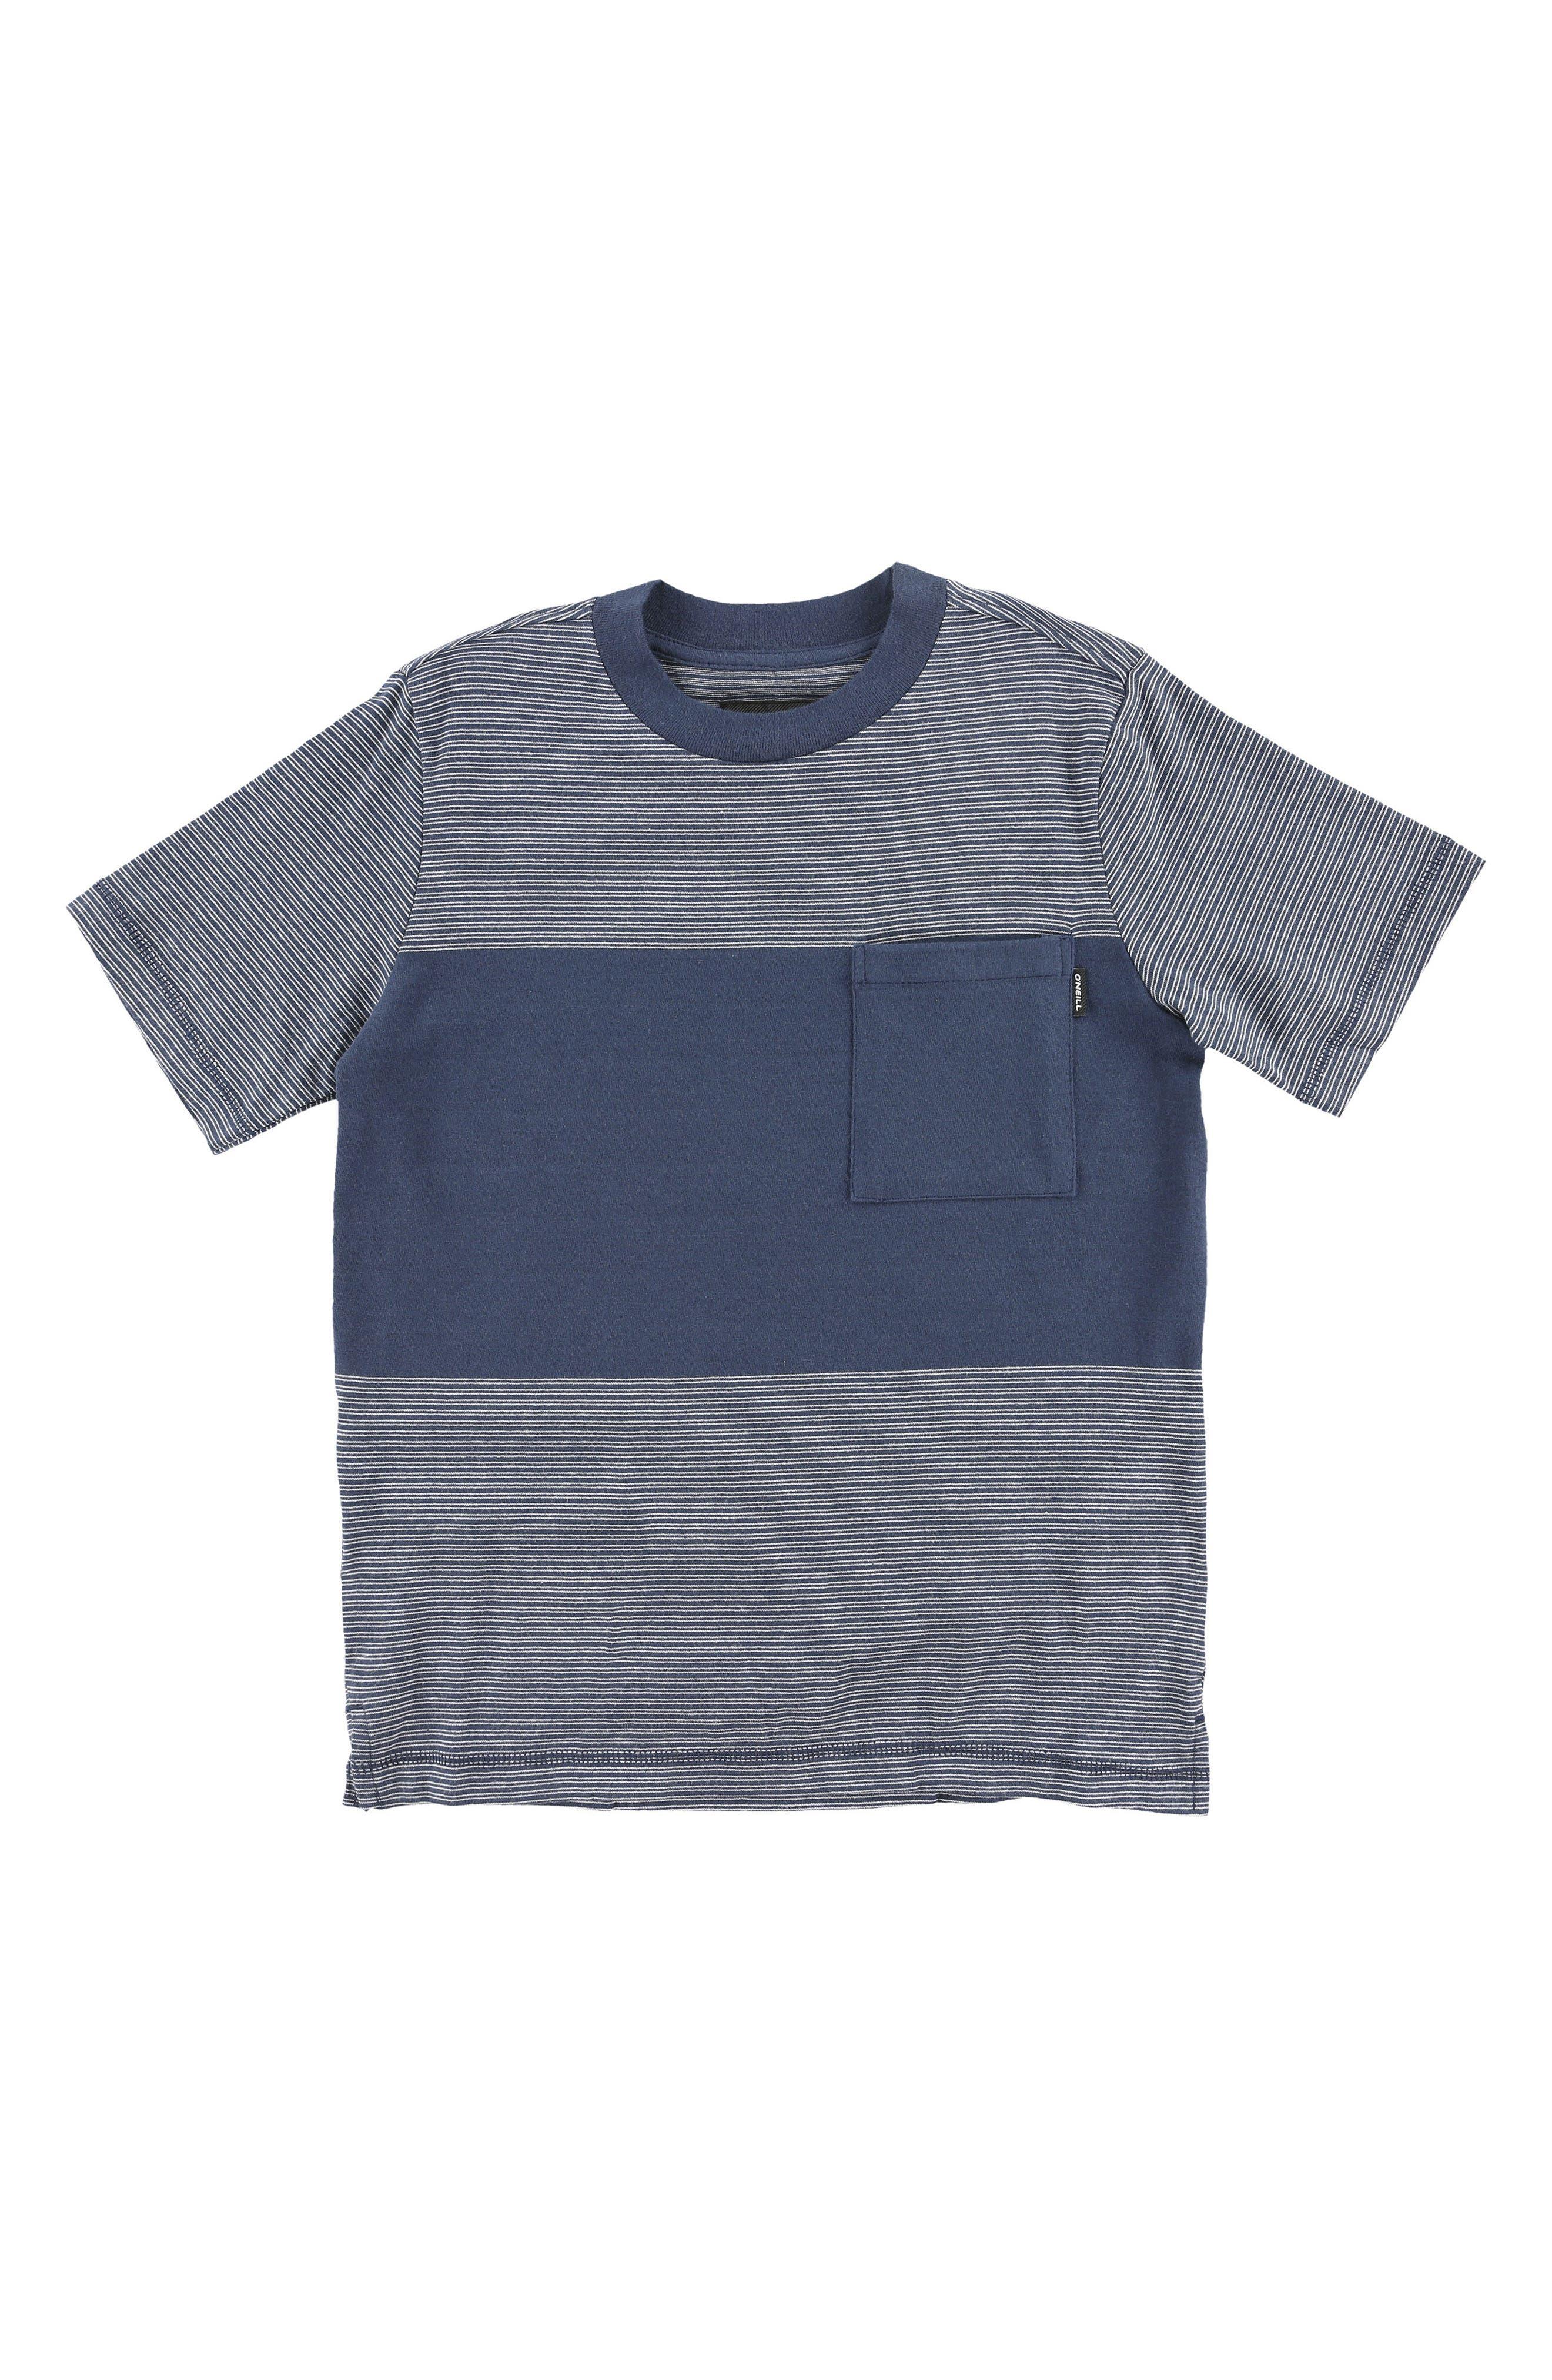 Bernardo T-Shirt,                         Main,                         color, Navy